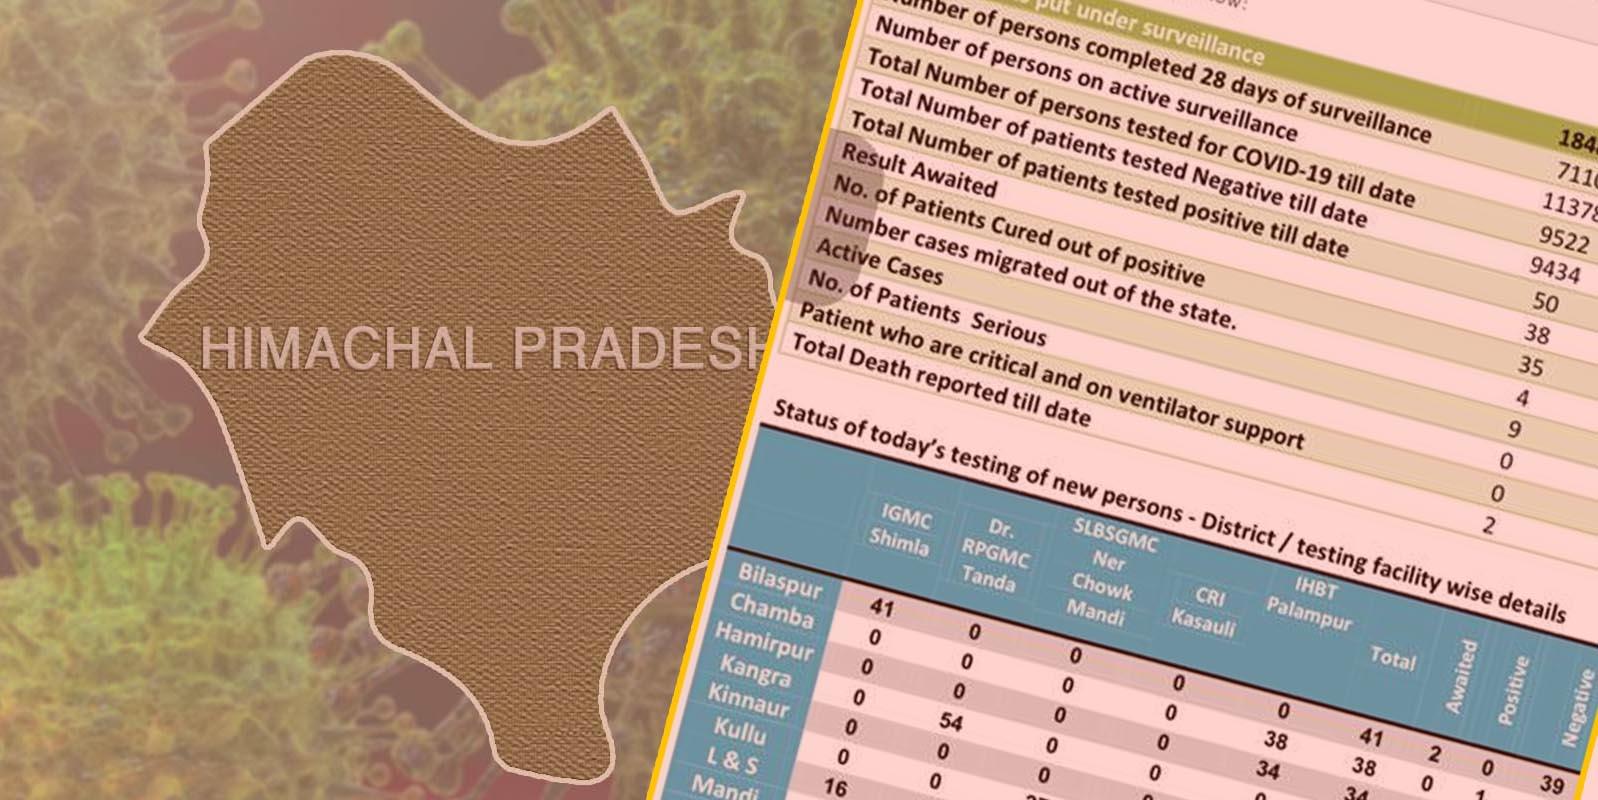 New Corona cases in himachal pradesh in may